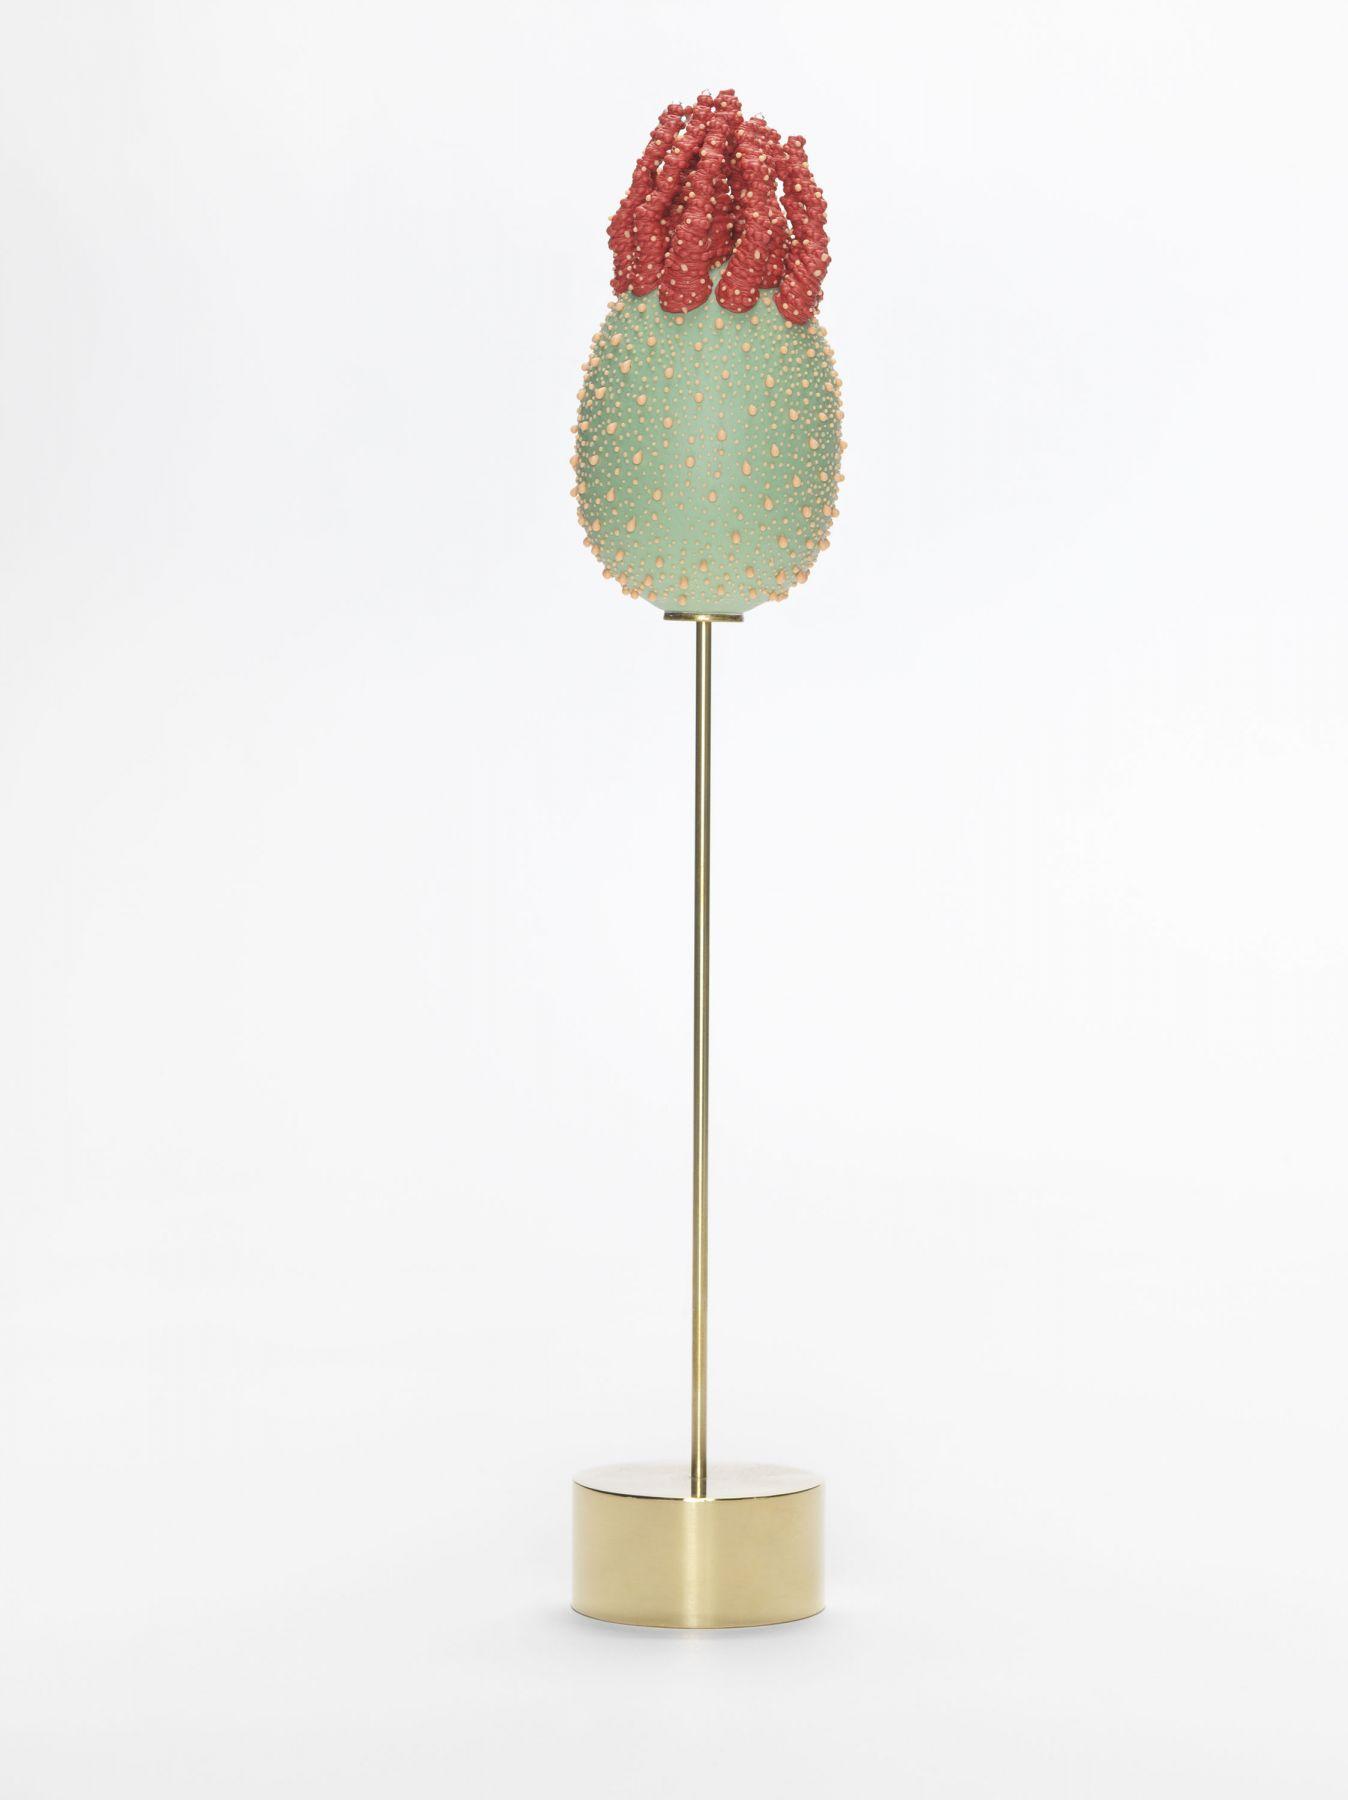 Pipe A, 2018, Ceramic